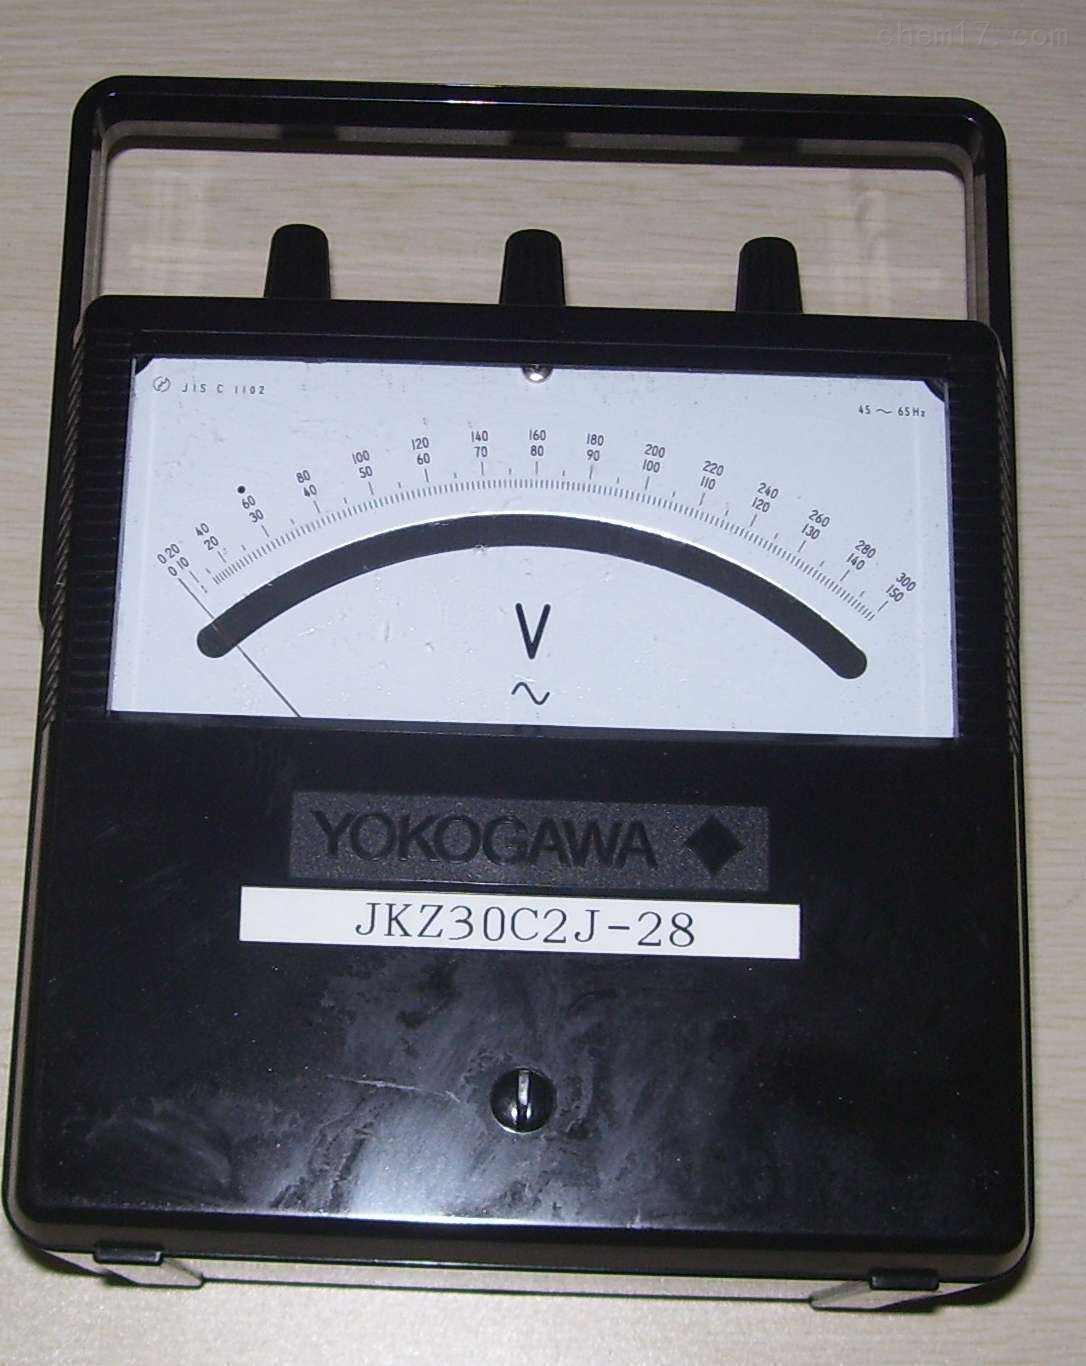 横河YOKOGAWA电压表